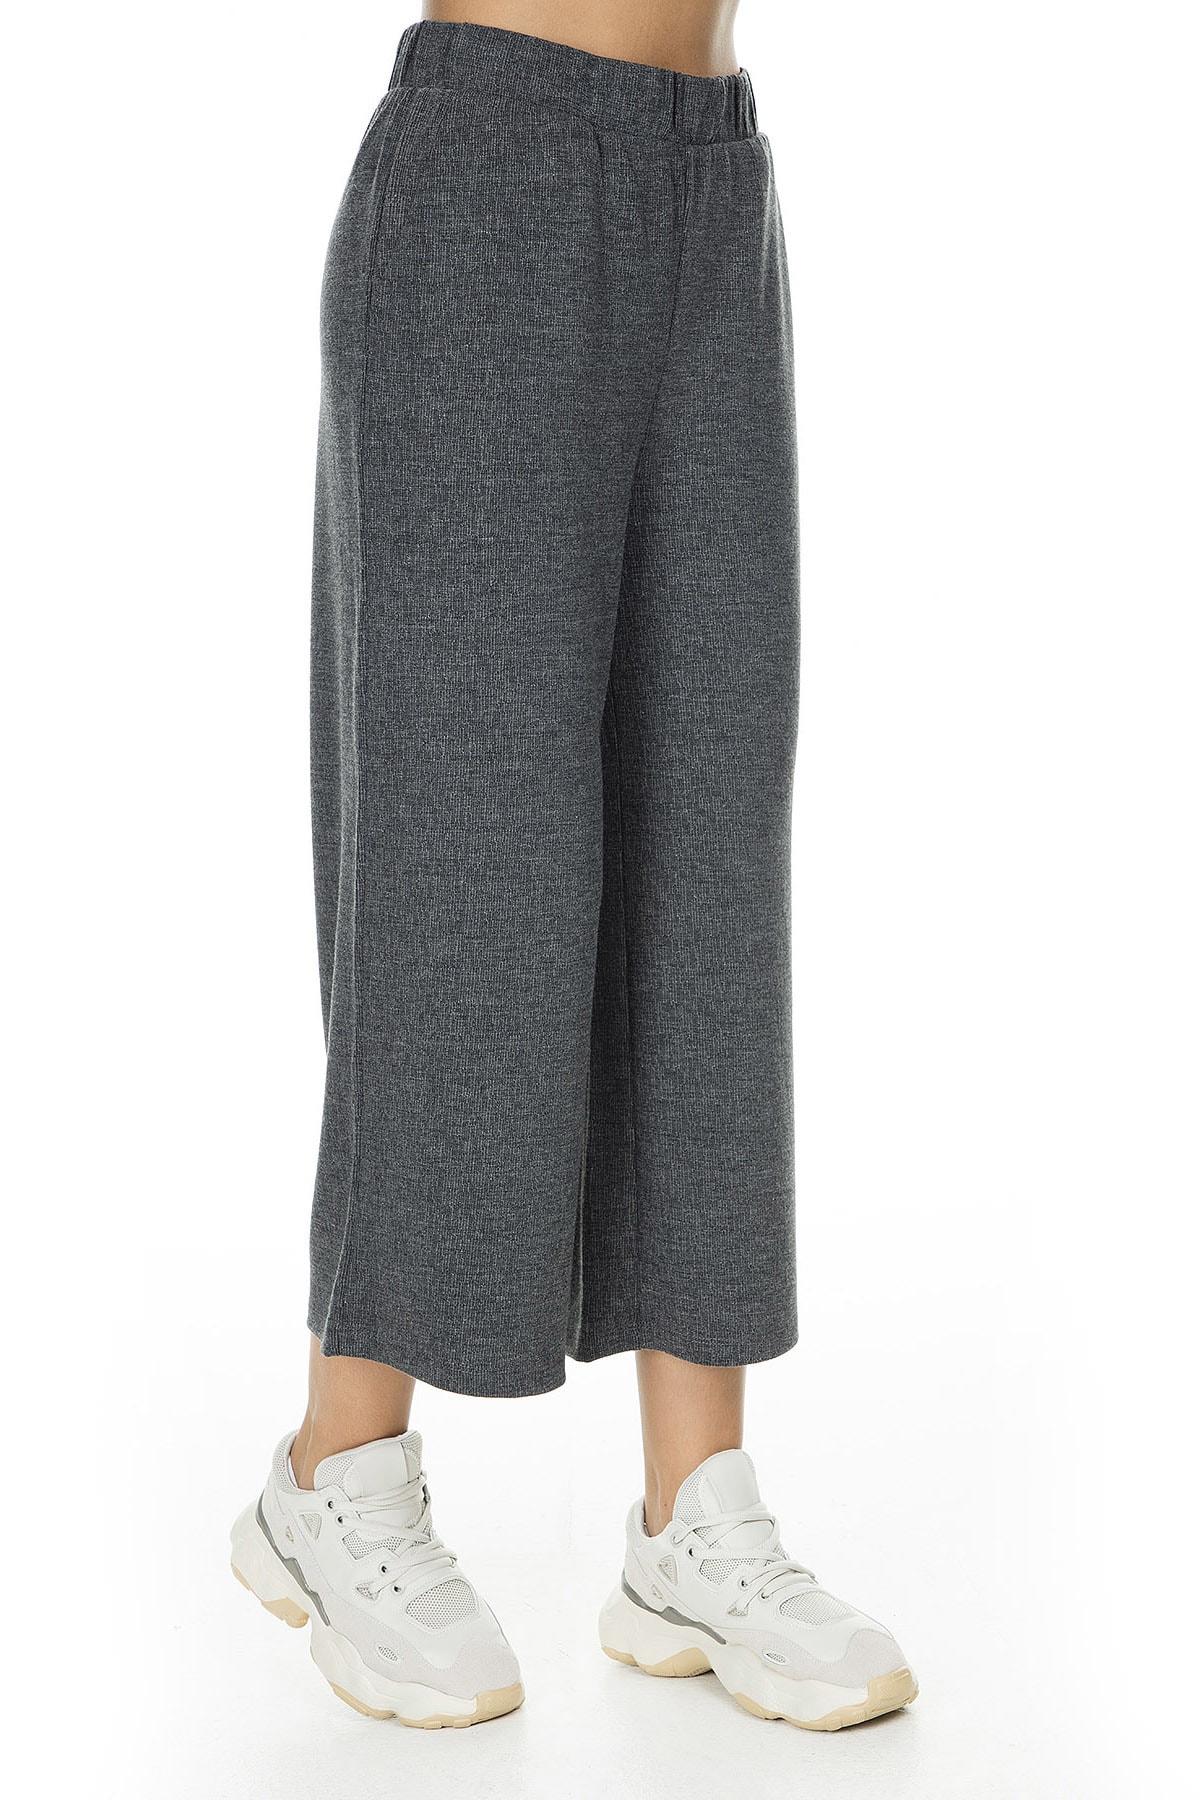 Vero Moda Kadın Mat Füme Örme Pantolon 10222549 VMFALLULAH 10222549 2